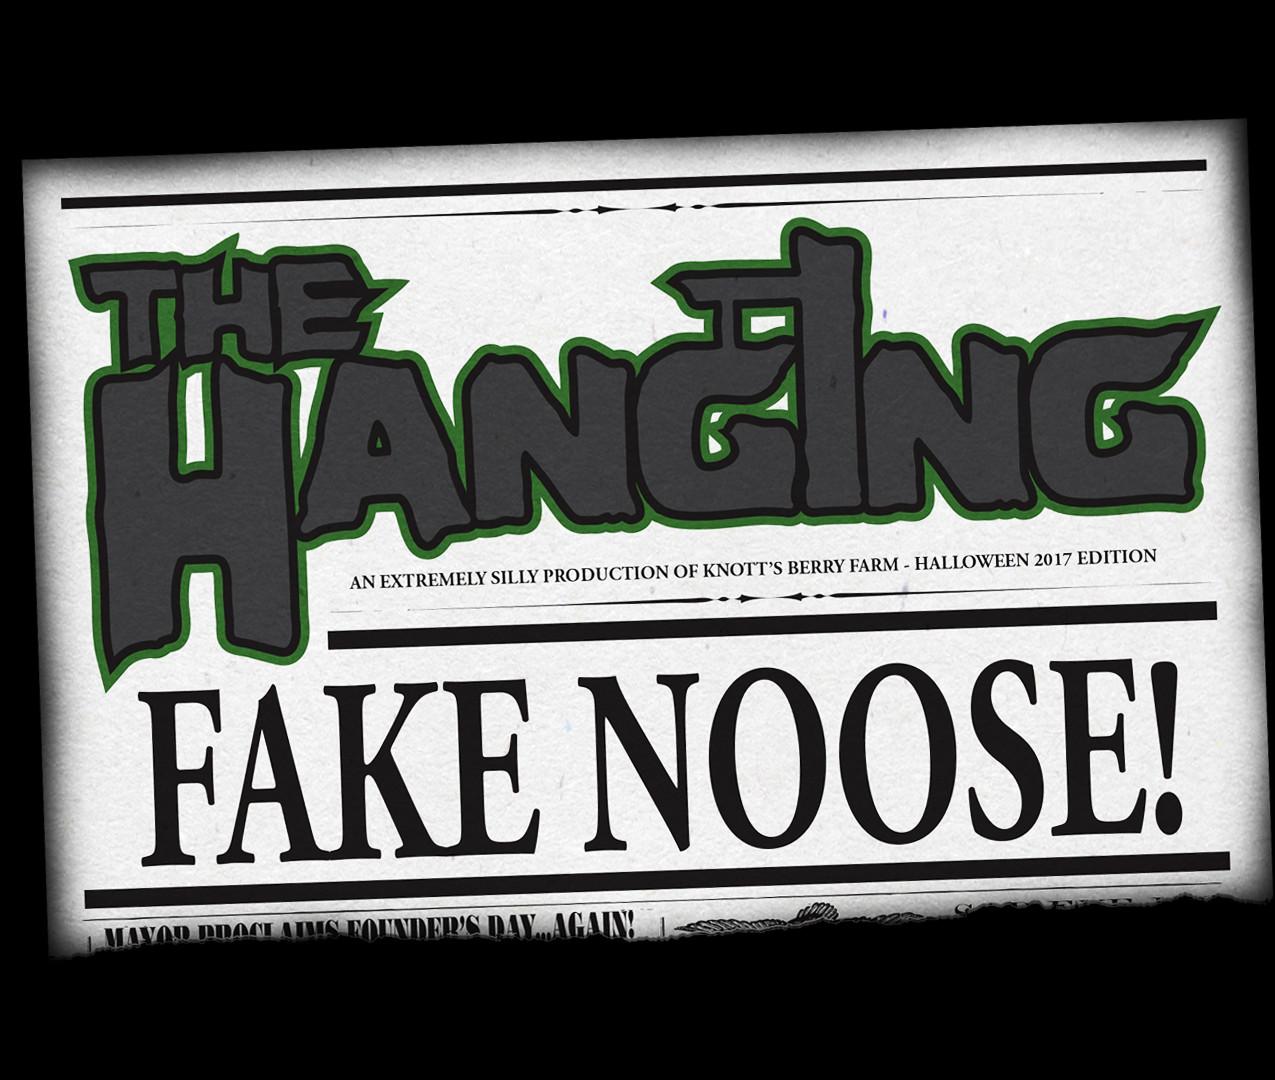 The Hanging Fake Noose 2017